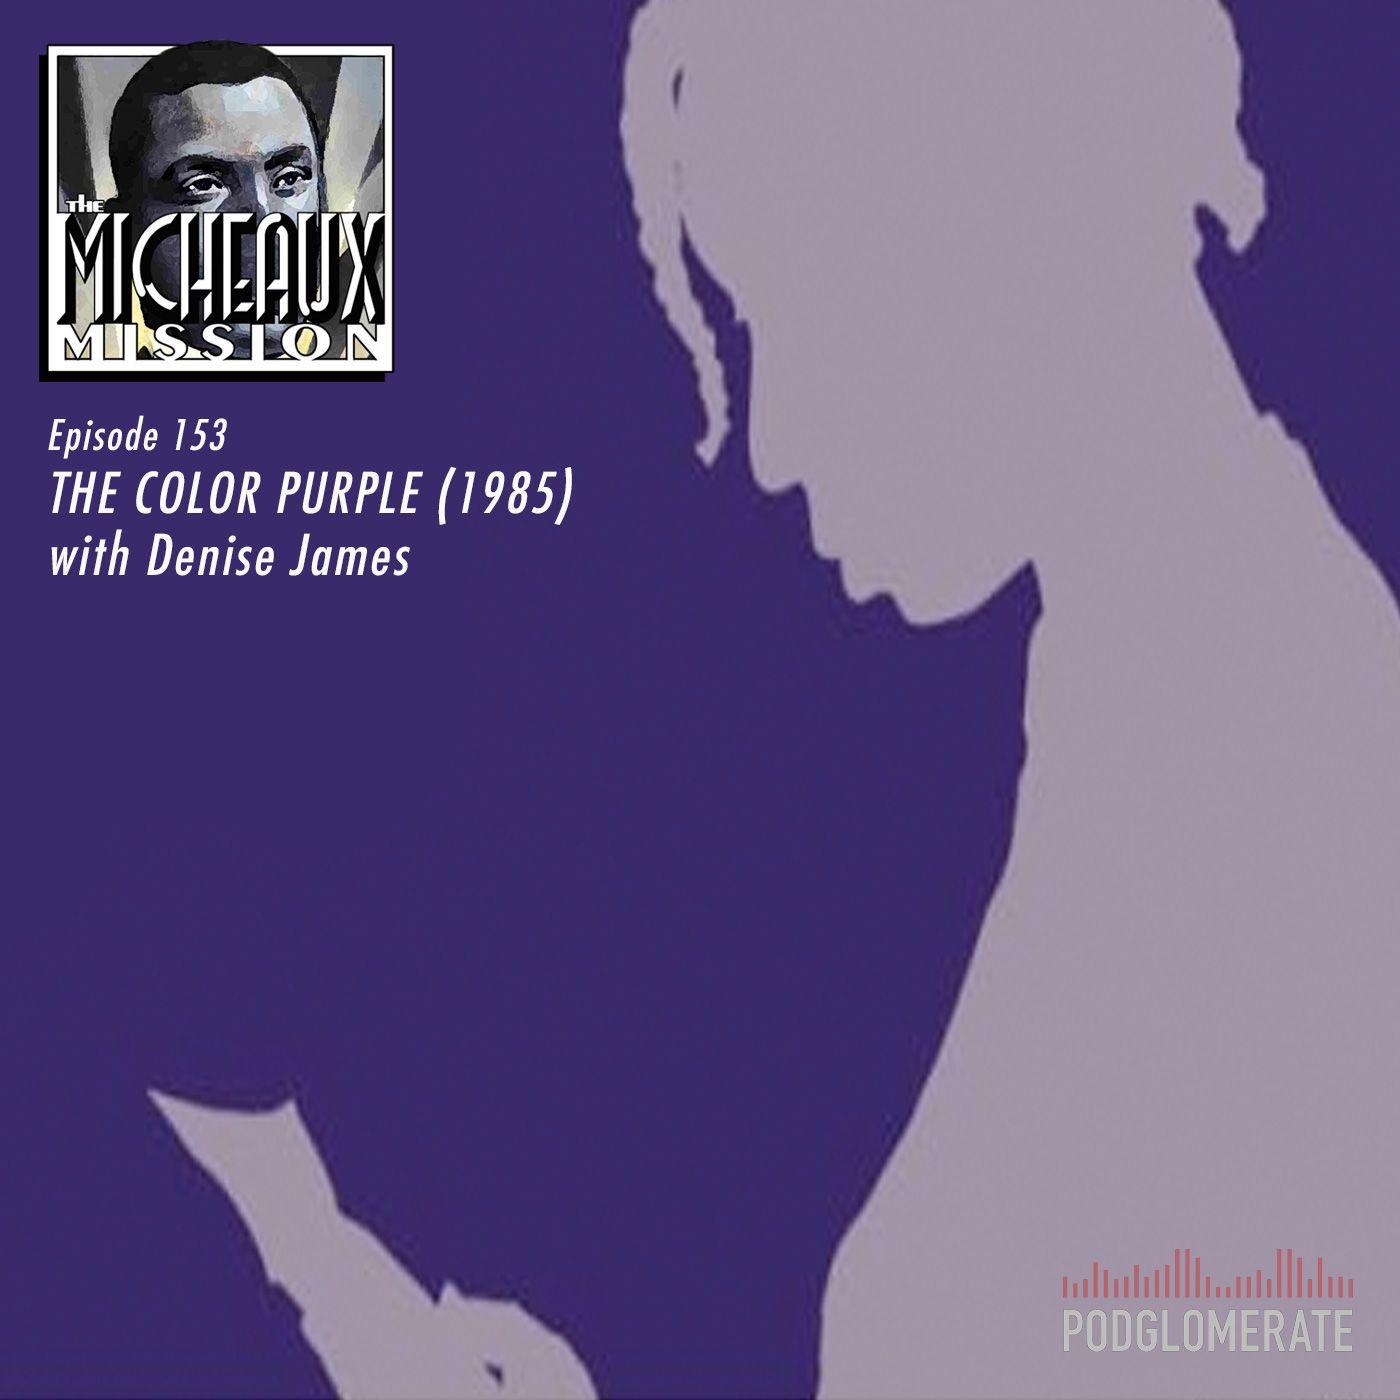 The Color Purple (1985) w Denise James